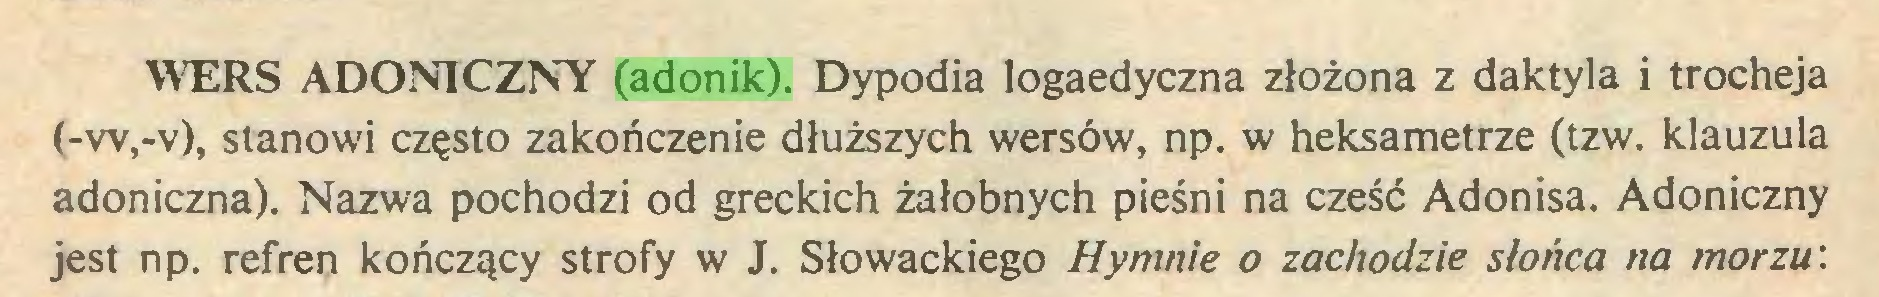 (...) WERS ADONICZNY (adonik). Dypodia logaedyczna złożona z daktyla i trocheja (-w,-v), stanowi często zakończenie dłuższych wersów, np. w heksametrze (tzw. klauzula adoniczna). Nazwa pochodzi od greckich żałobnych pieśni na cześć Adonisa. Adoniczny jest np. refren kończący strofy w J. Słowackiego Hymnie o zachodzie słońca na morzu'...